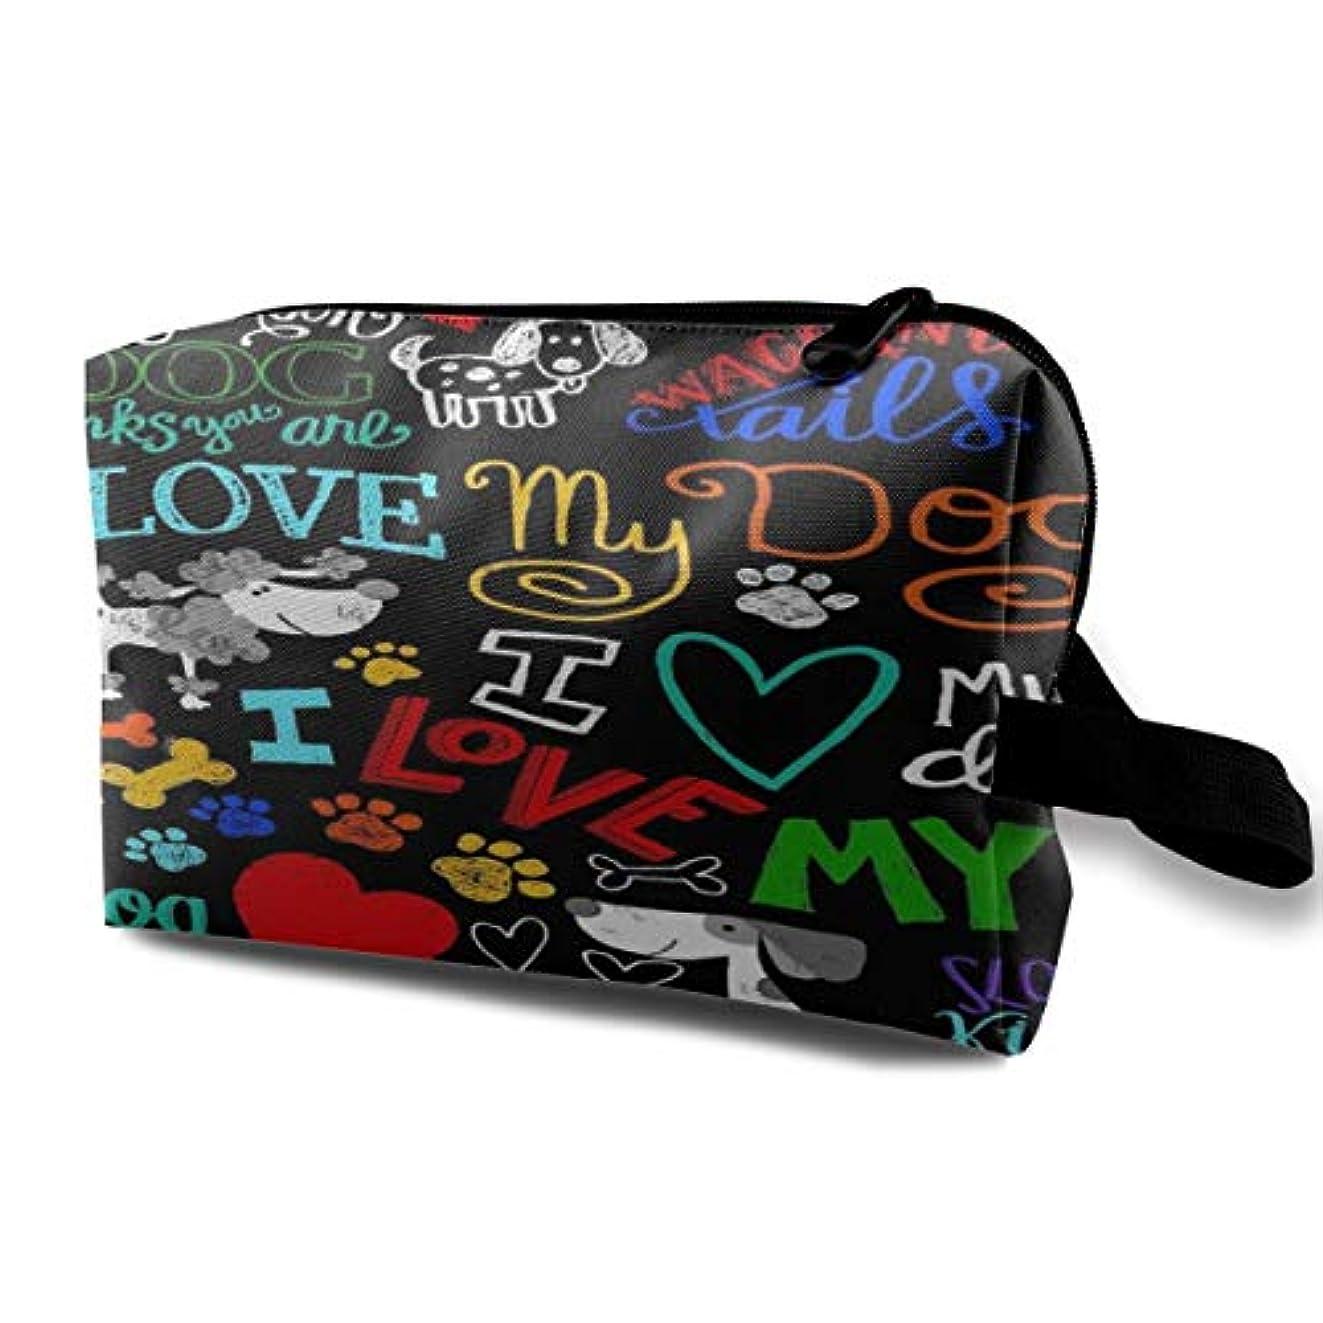 サスペンドアーティキュレーションアイデアAnimal Novelty I Love My Dog 収納ポーチ 化粧ポーチ 大容量 軽量 耐久性 ハンドル付持ち運び便利。入れ 自宅?出張?旅行?アウトドア撮影などに対応。メンズ レディース トラベルグッズ